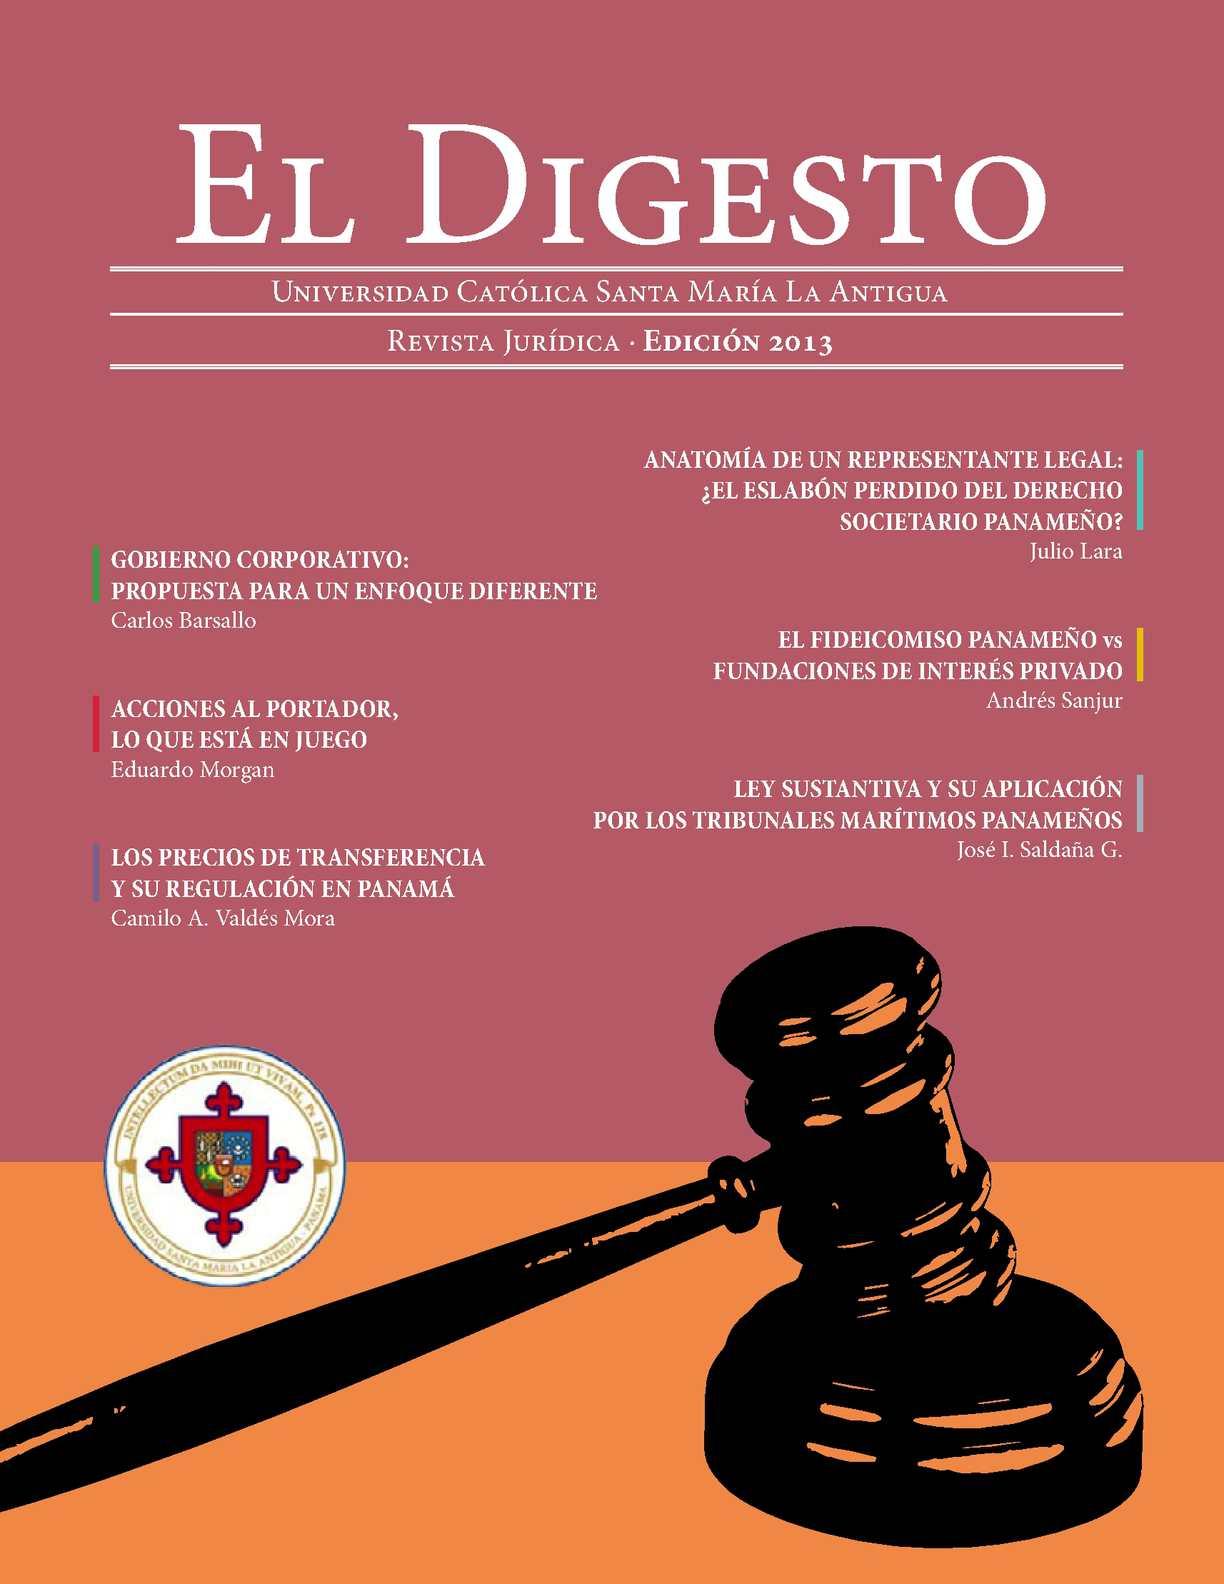 Calaméo - EL DIGESTO 2013